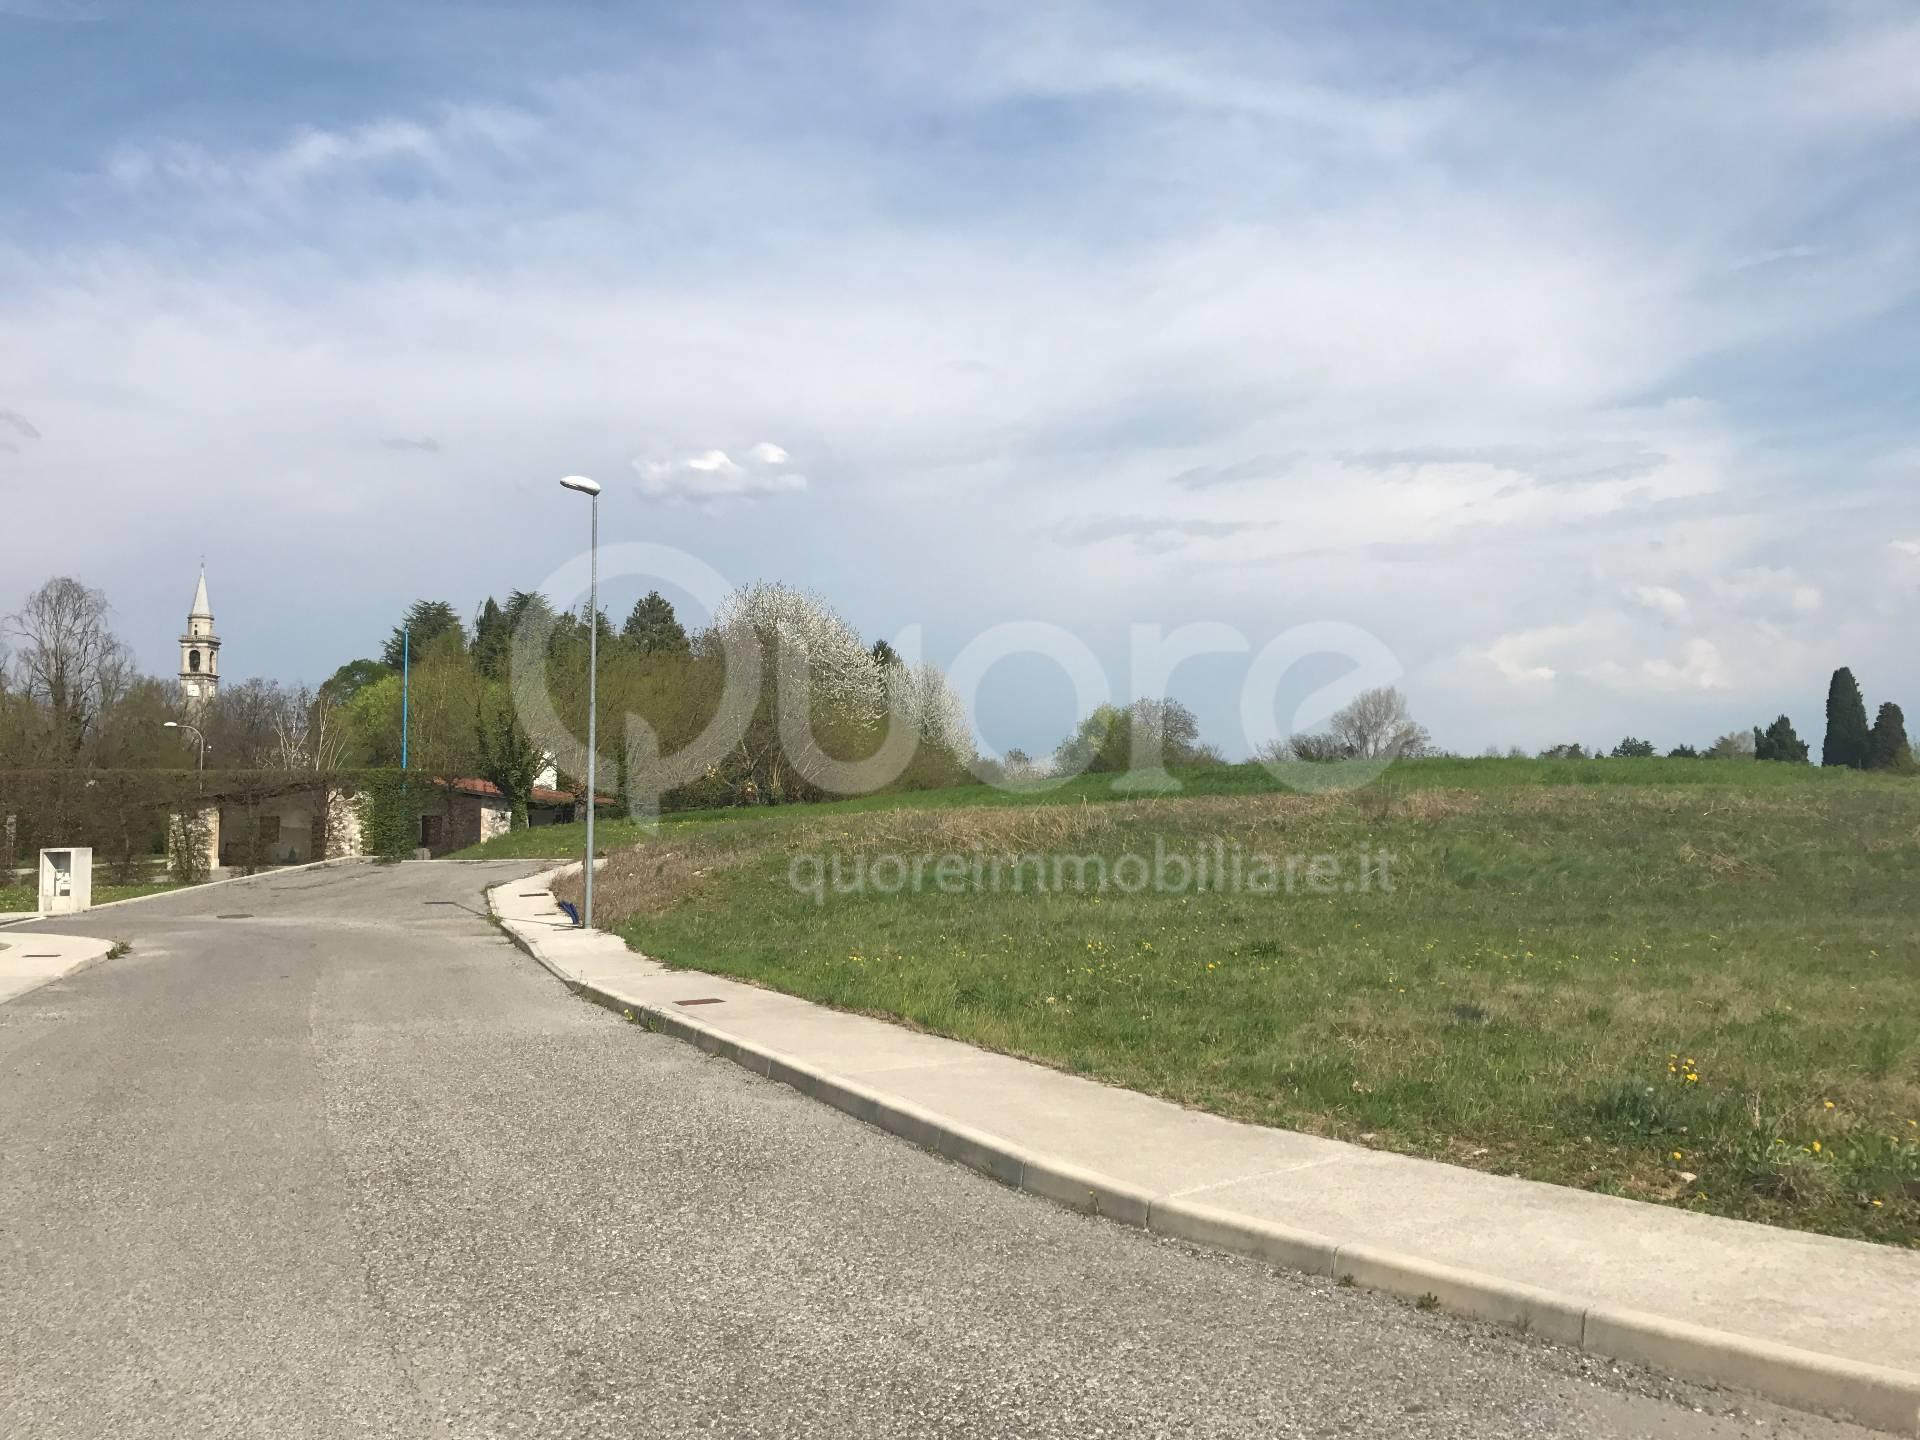 Terreno Edificabile Residenziale in vendita a Pagnacco, 9999 locali, zona Zona: Zampis, prezzo € 118.000 | CambioCasa.it